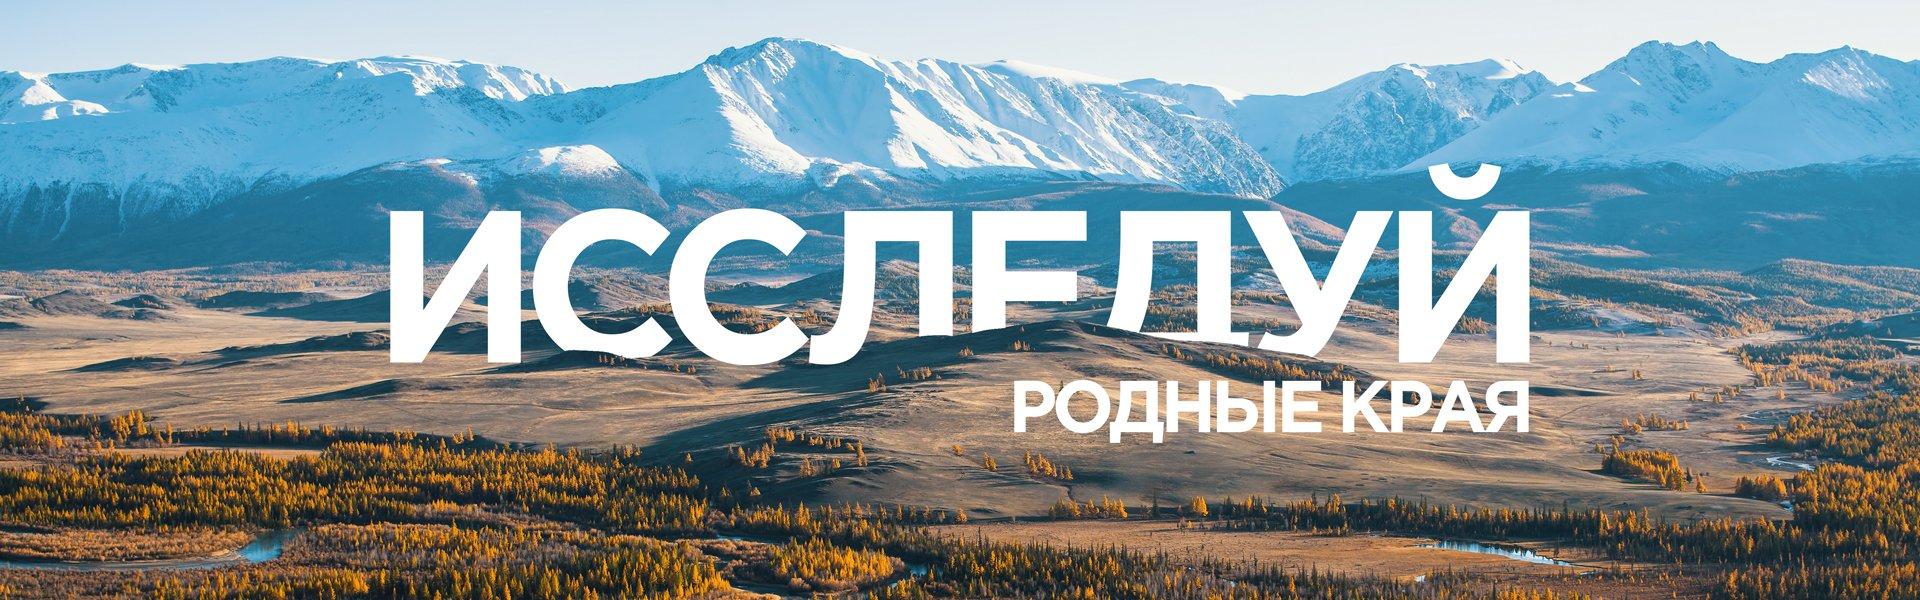 Автобусные туры по России из Ростова-на-Дону 2020